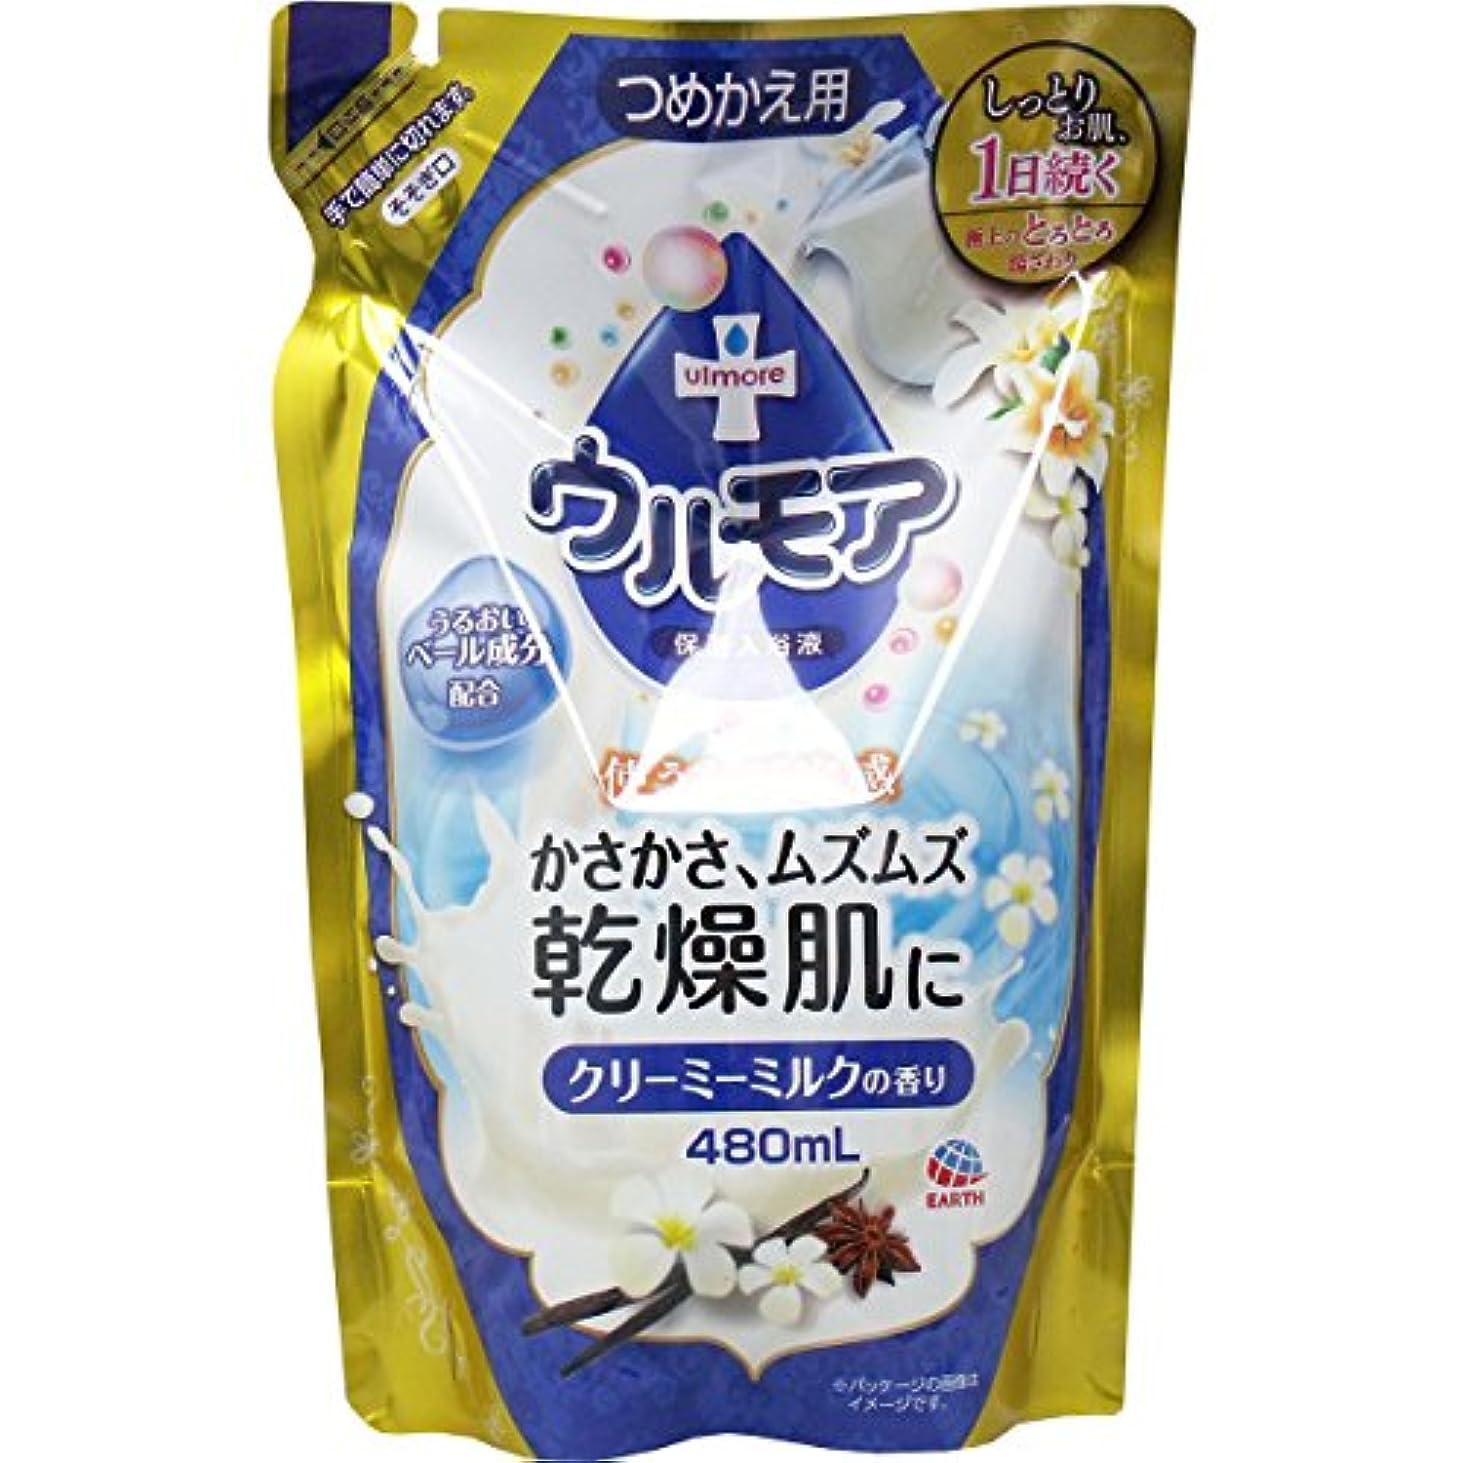 バレル文字通りバング保湿入浴液ウルモアクリーミーミルク 替え × 10個セット